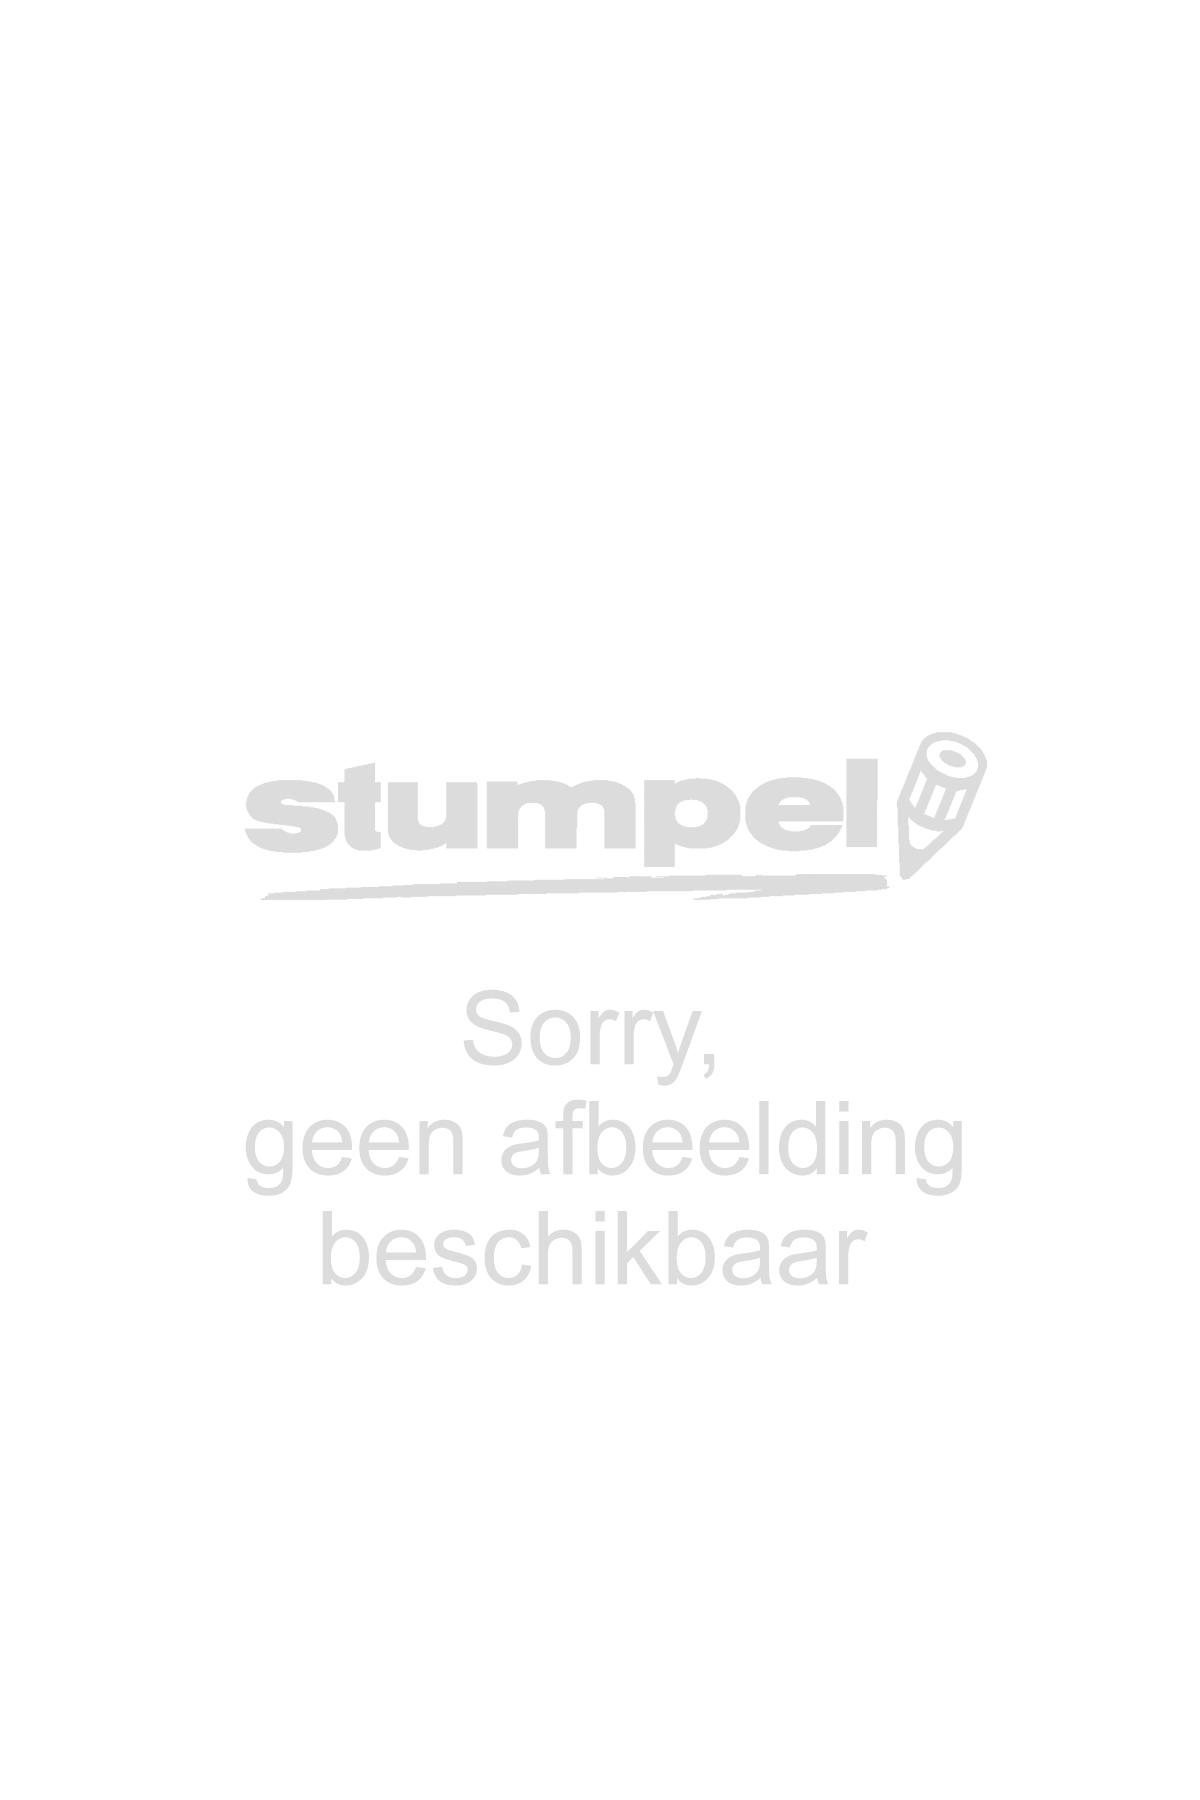 viltstift-edding-380-flipover-rond-zwart-1-5-3mm-631031